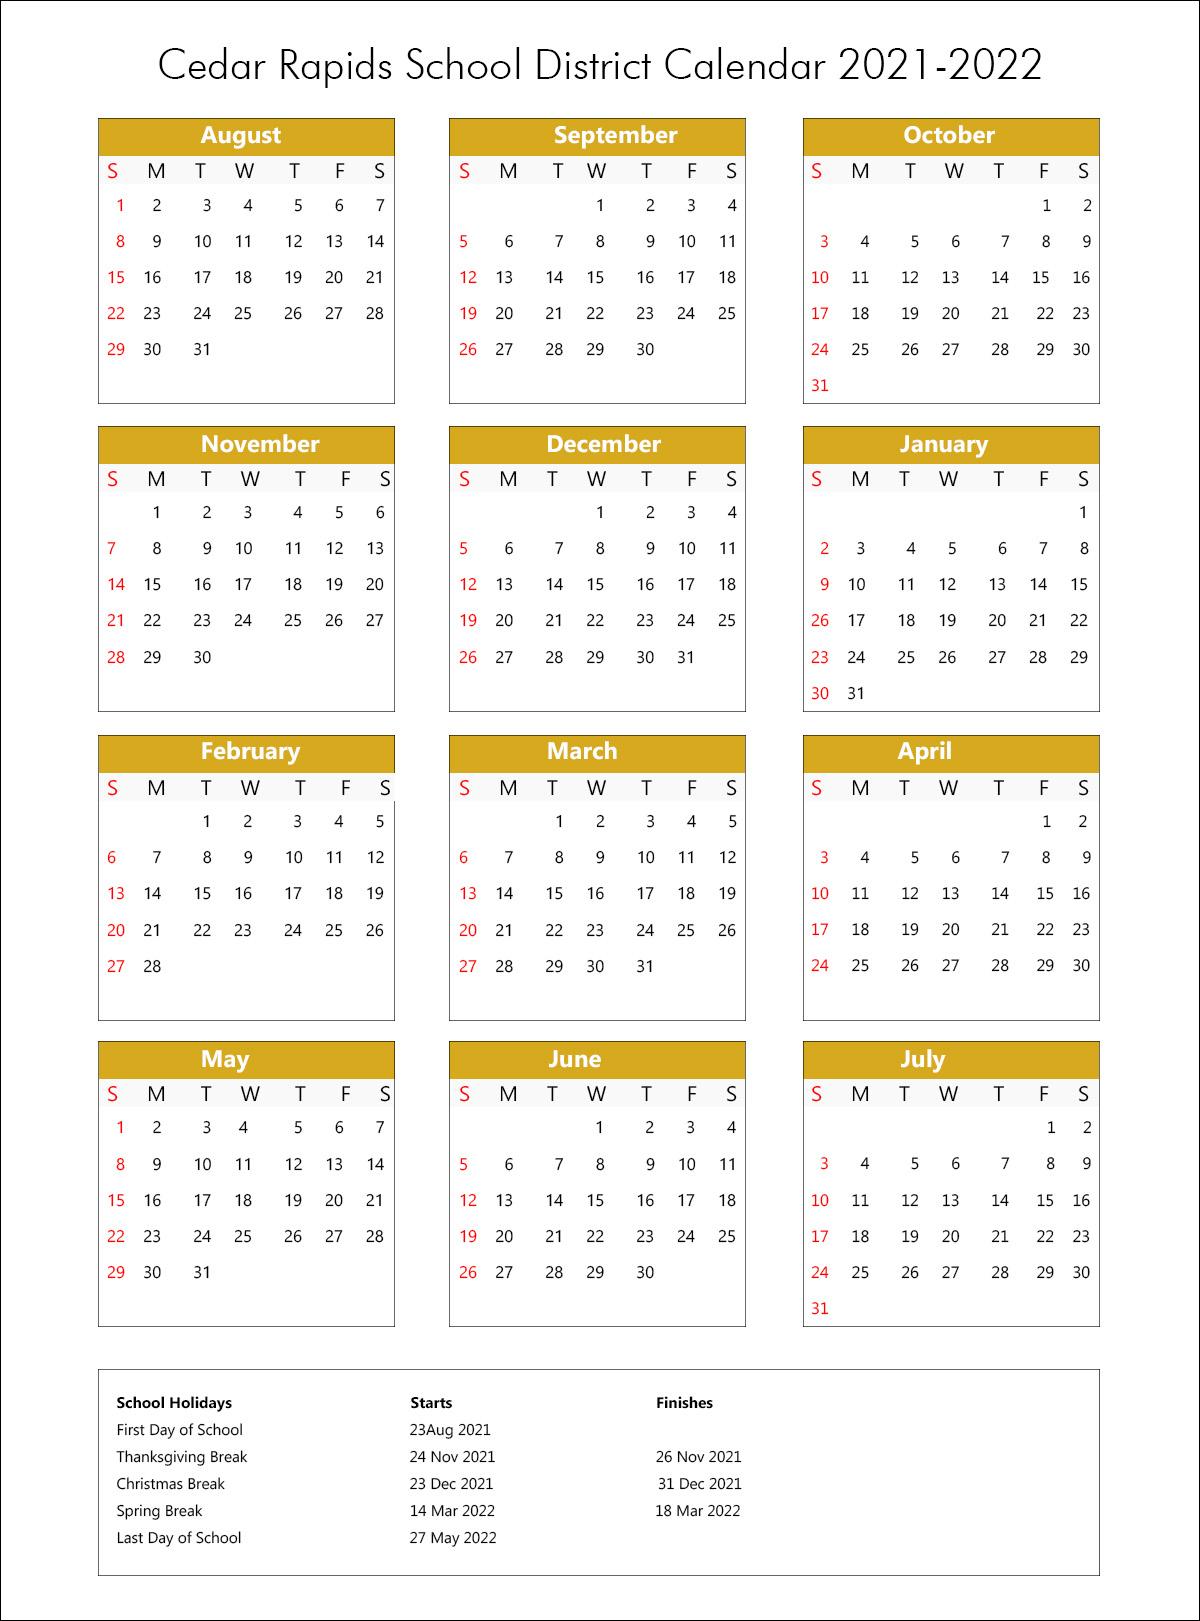 Tusd Calendar 2022.Cedar Rapids Community School District Calendar Holidays 2021 2022